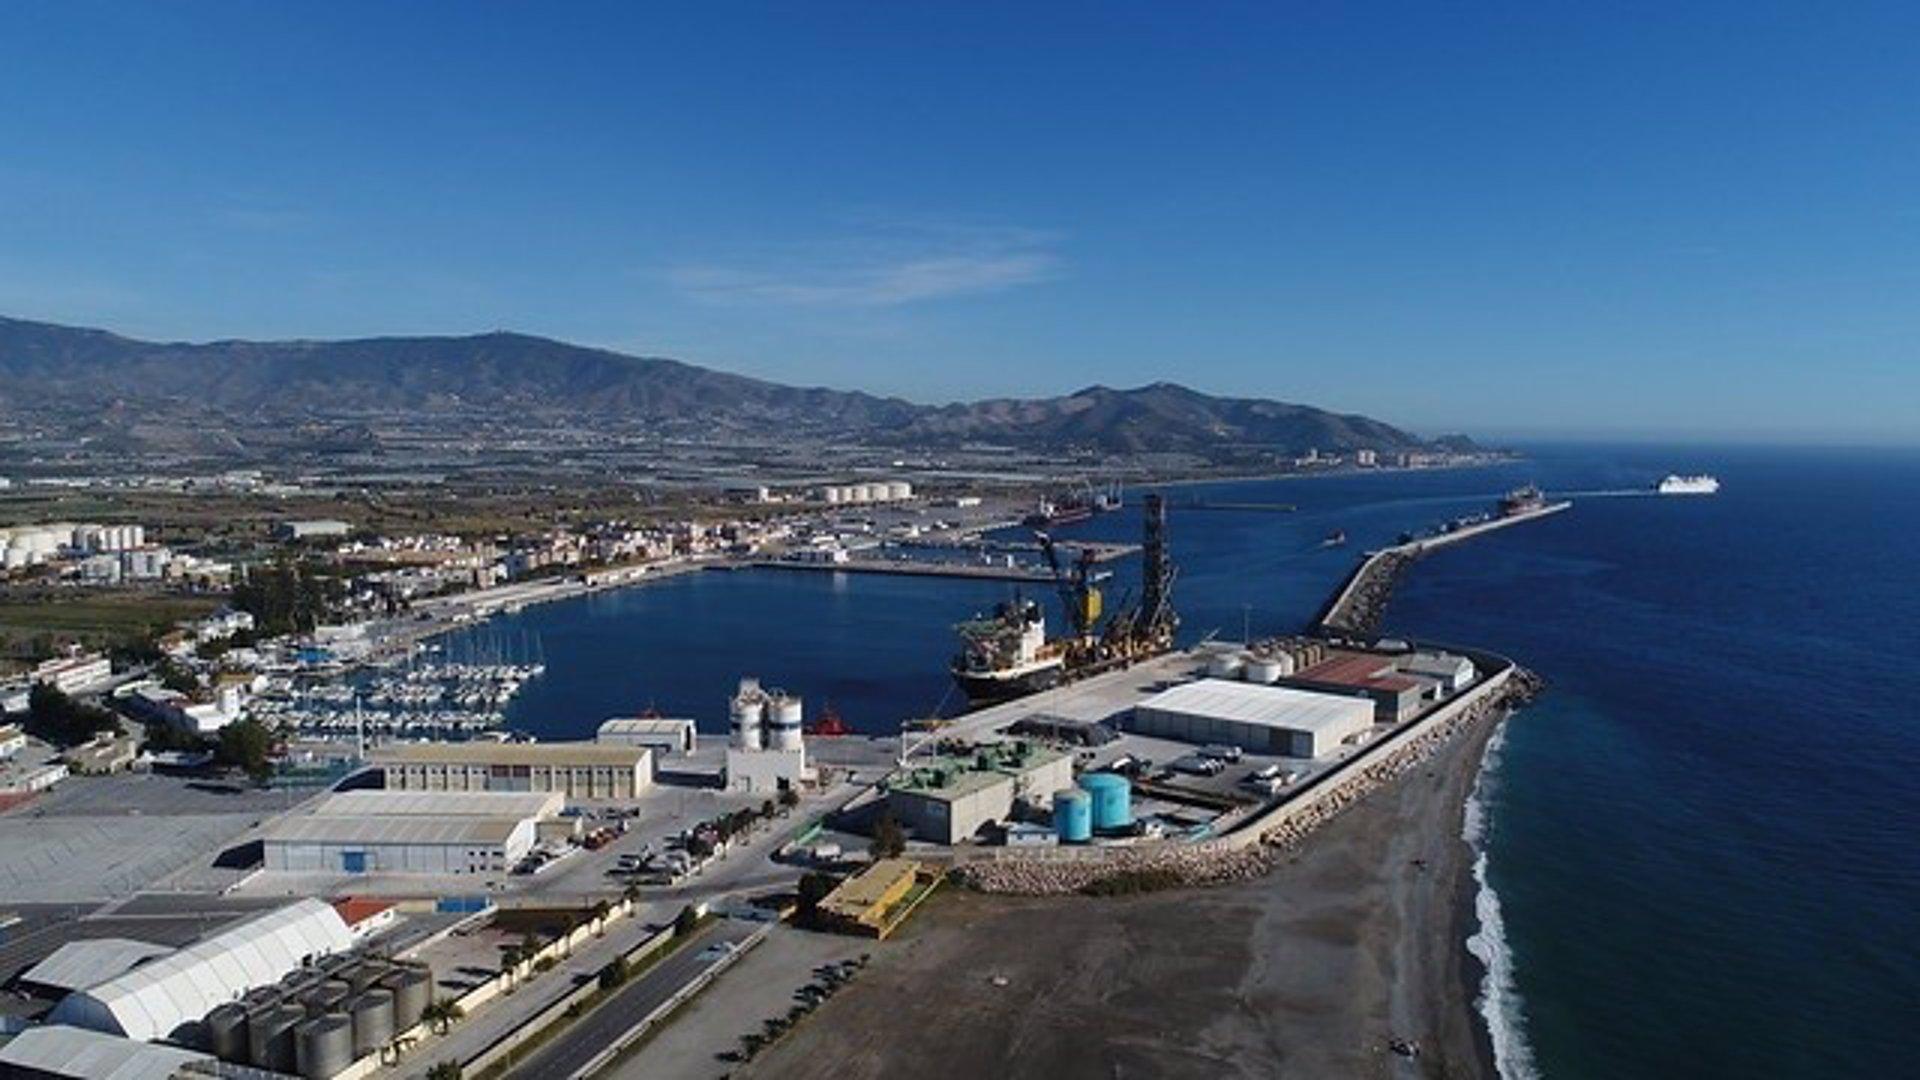 Presupuestada en 1,8 millones la futura zona de control de extranjería y fronteras en el puerto